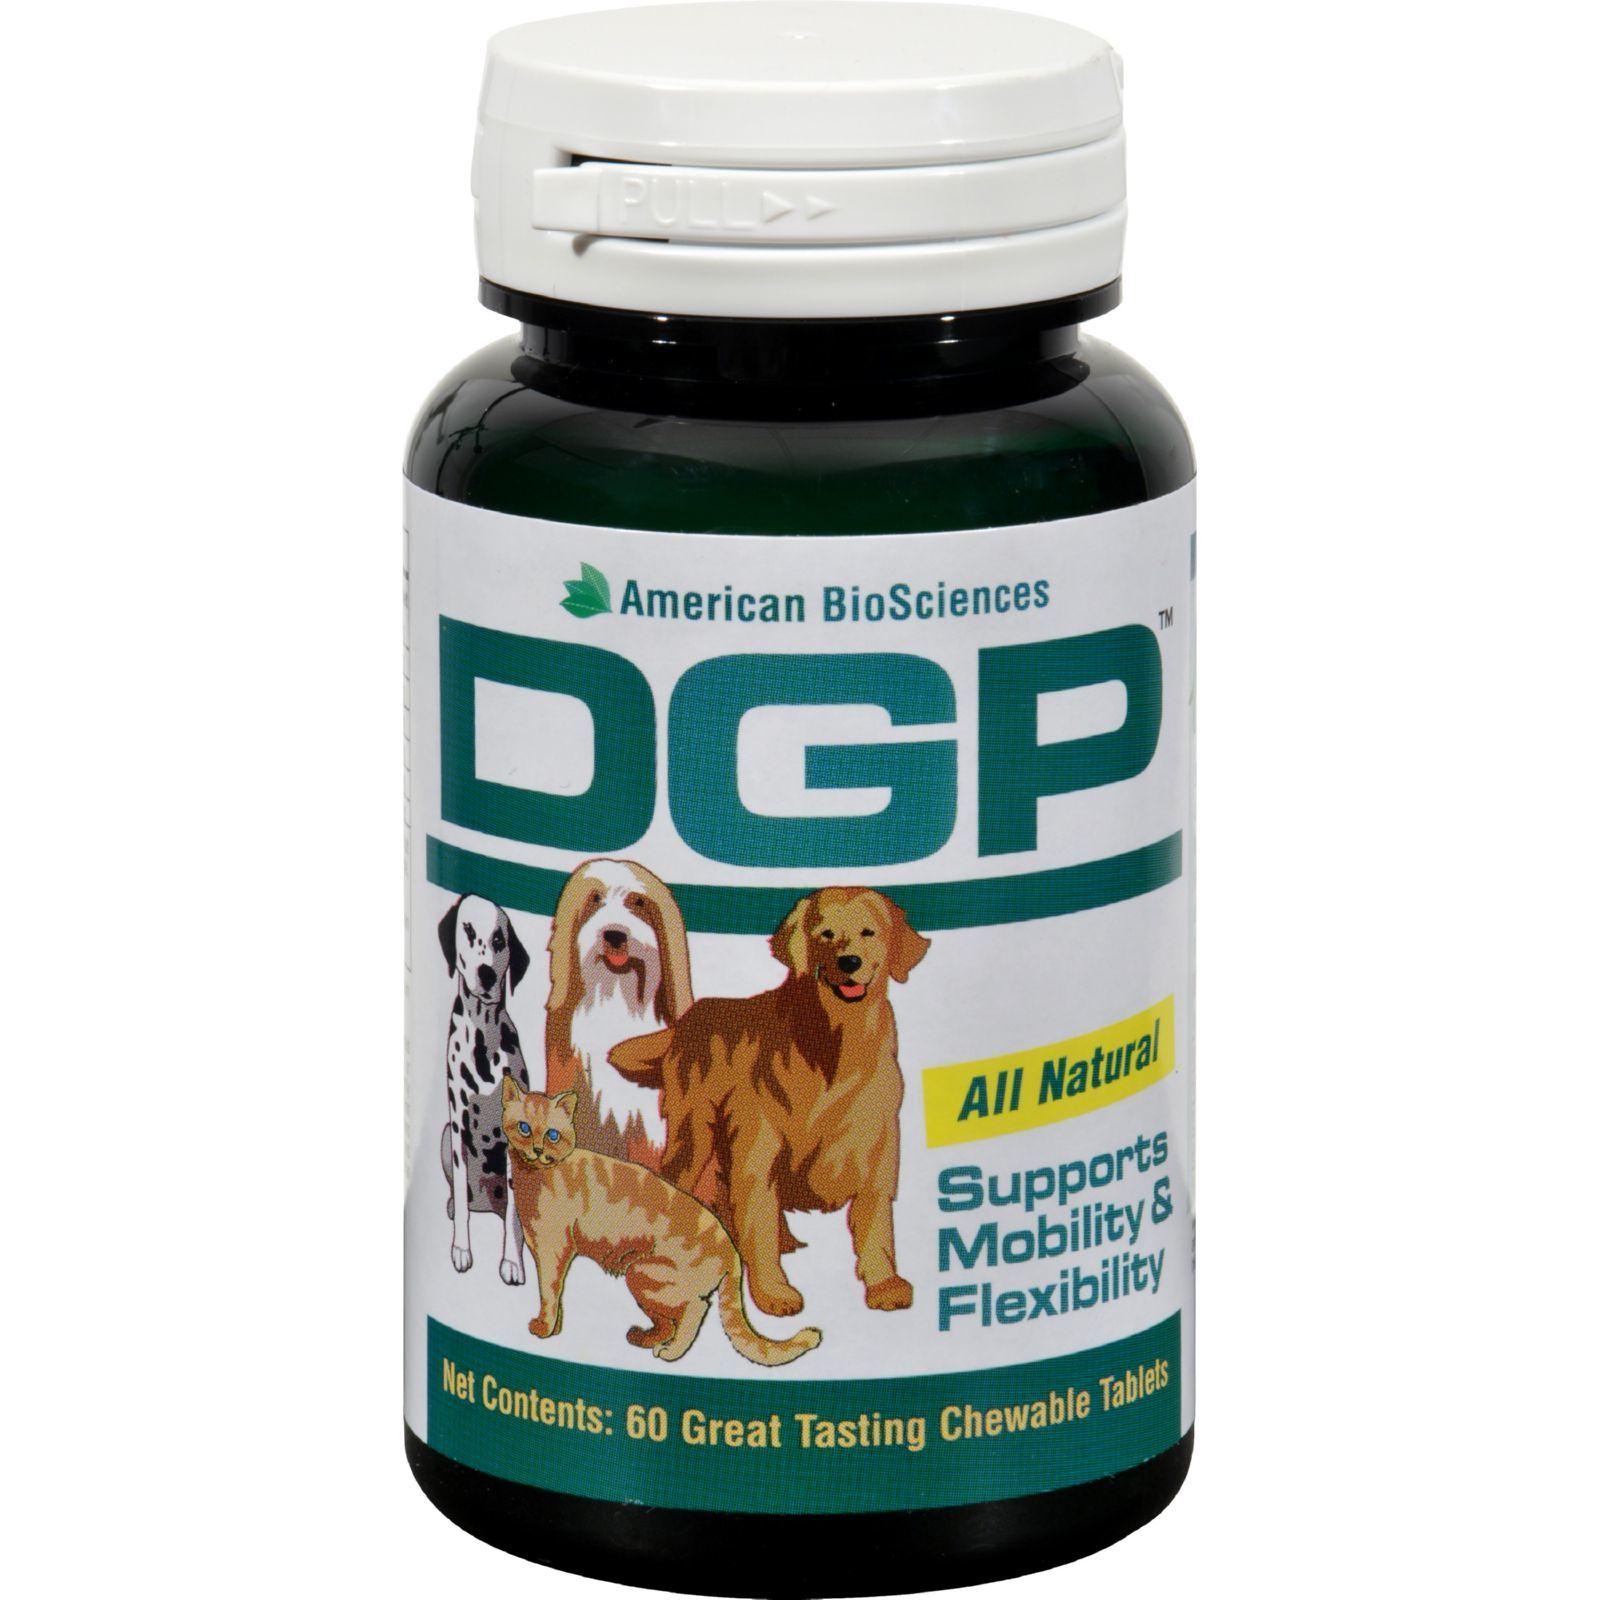 American Bio-Sciences DGP Chewable - 60 Chewable Tablets